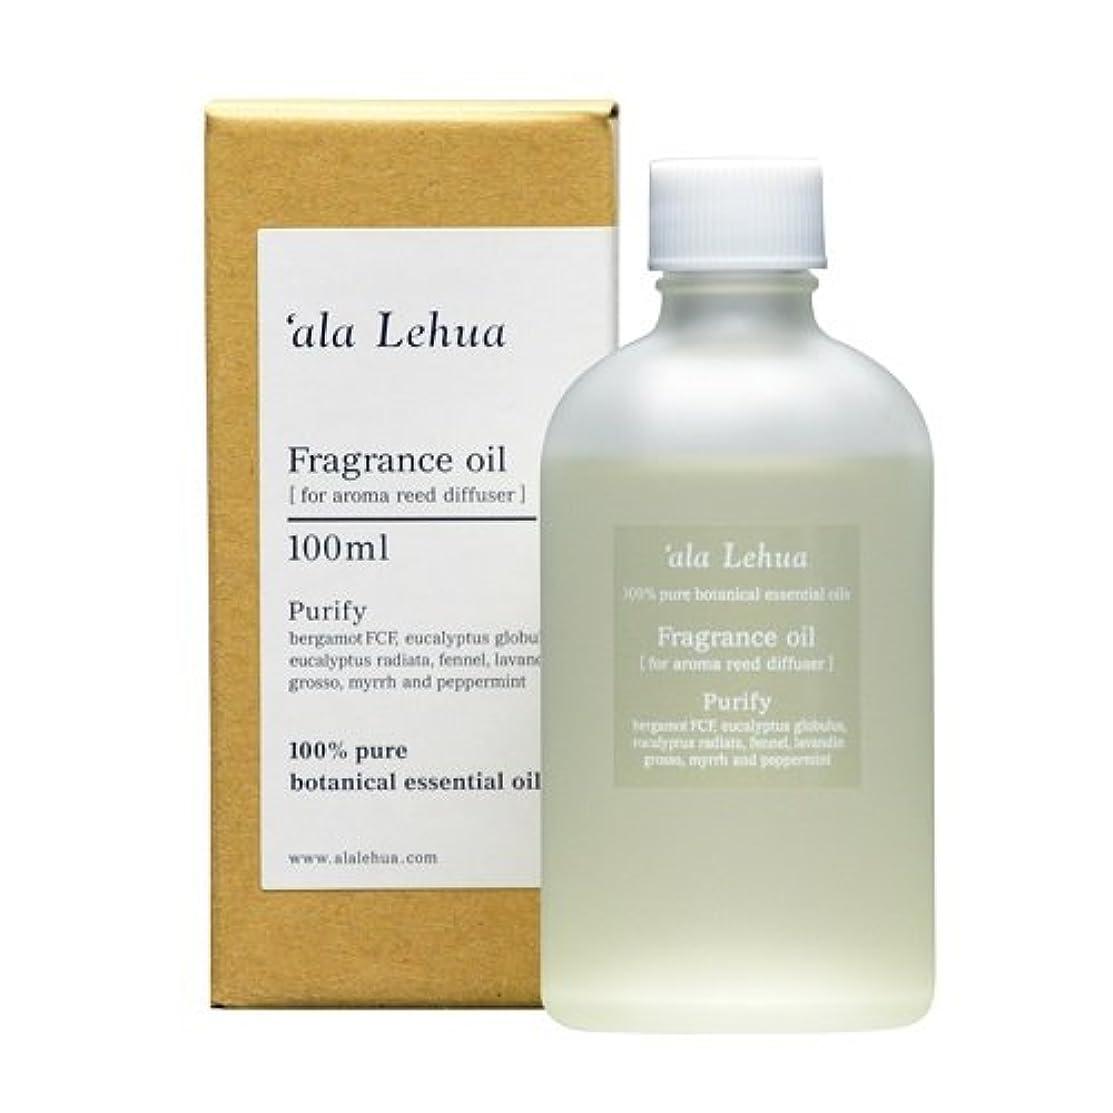 最終任命するもろいフレーバーライフ(Flavor Life) `ala Lehua (アラレフア) アロマリードディフューザー フレグランスオイル 100ml purify(ピュリファイ)